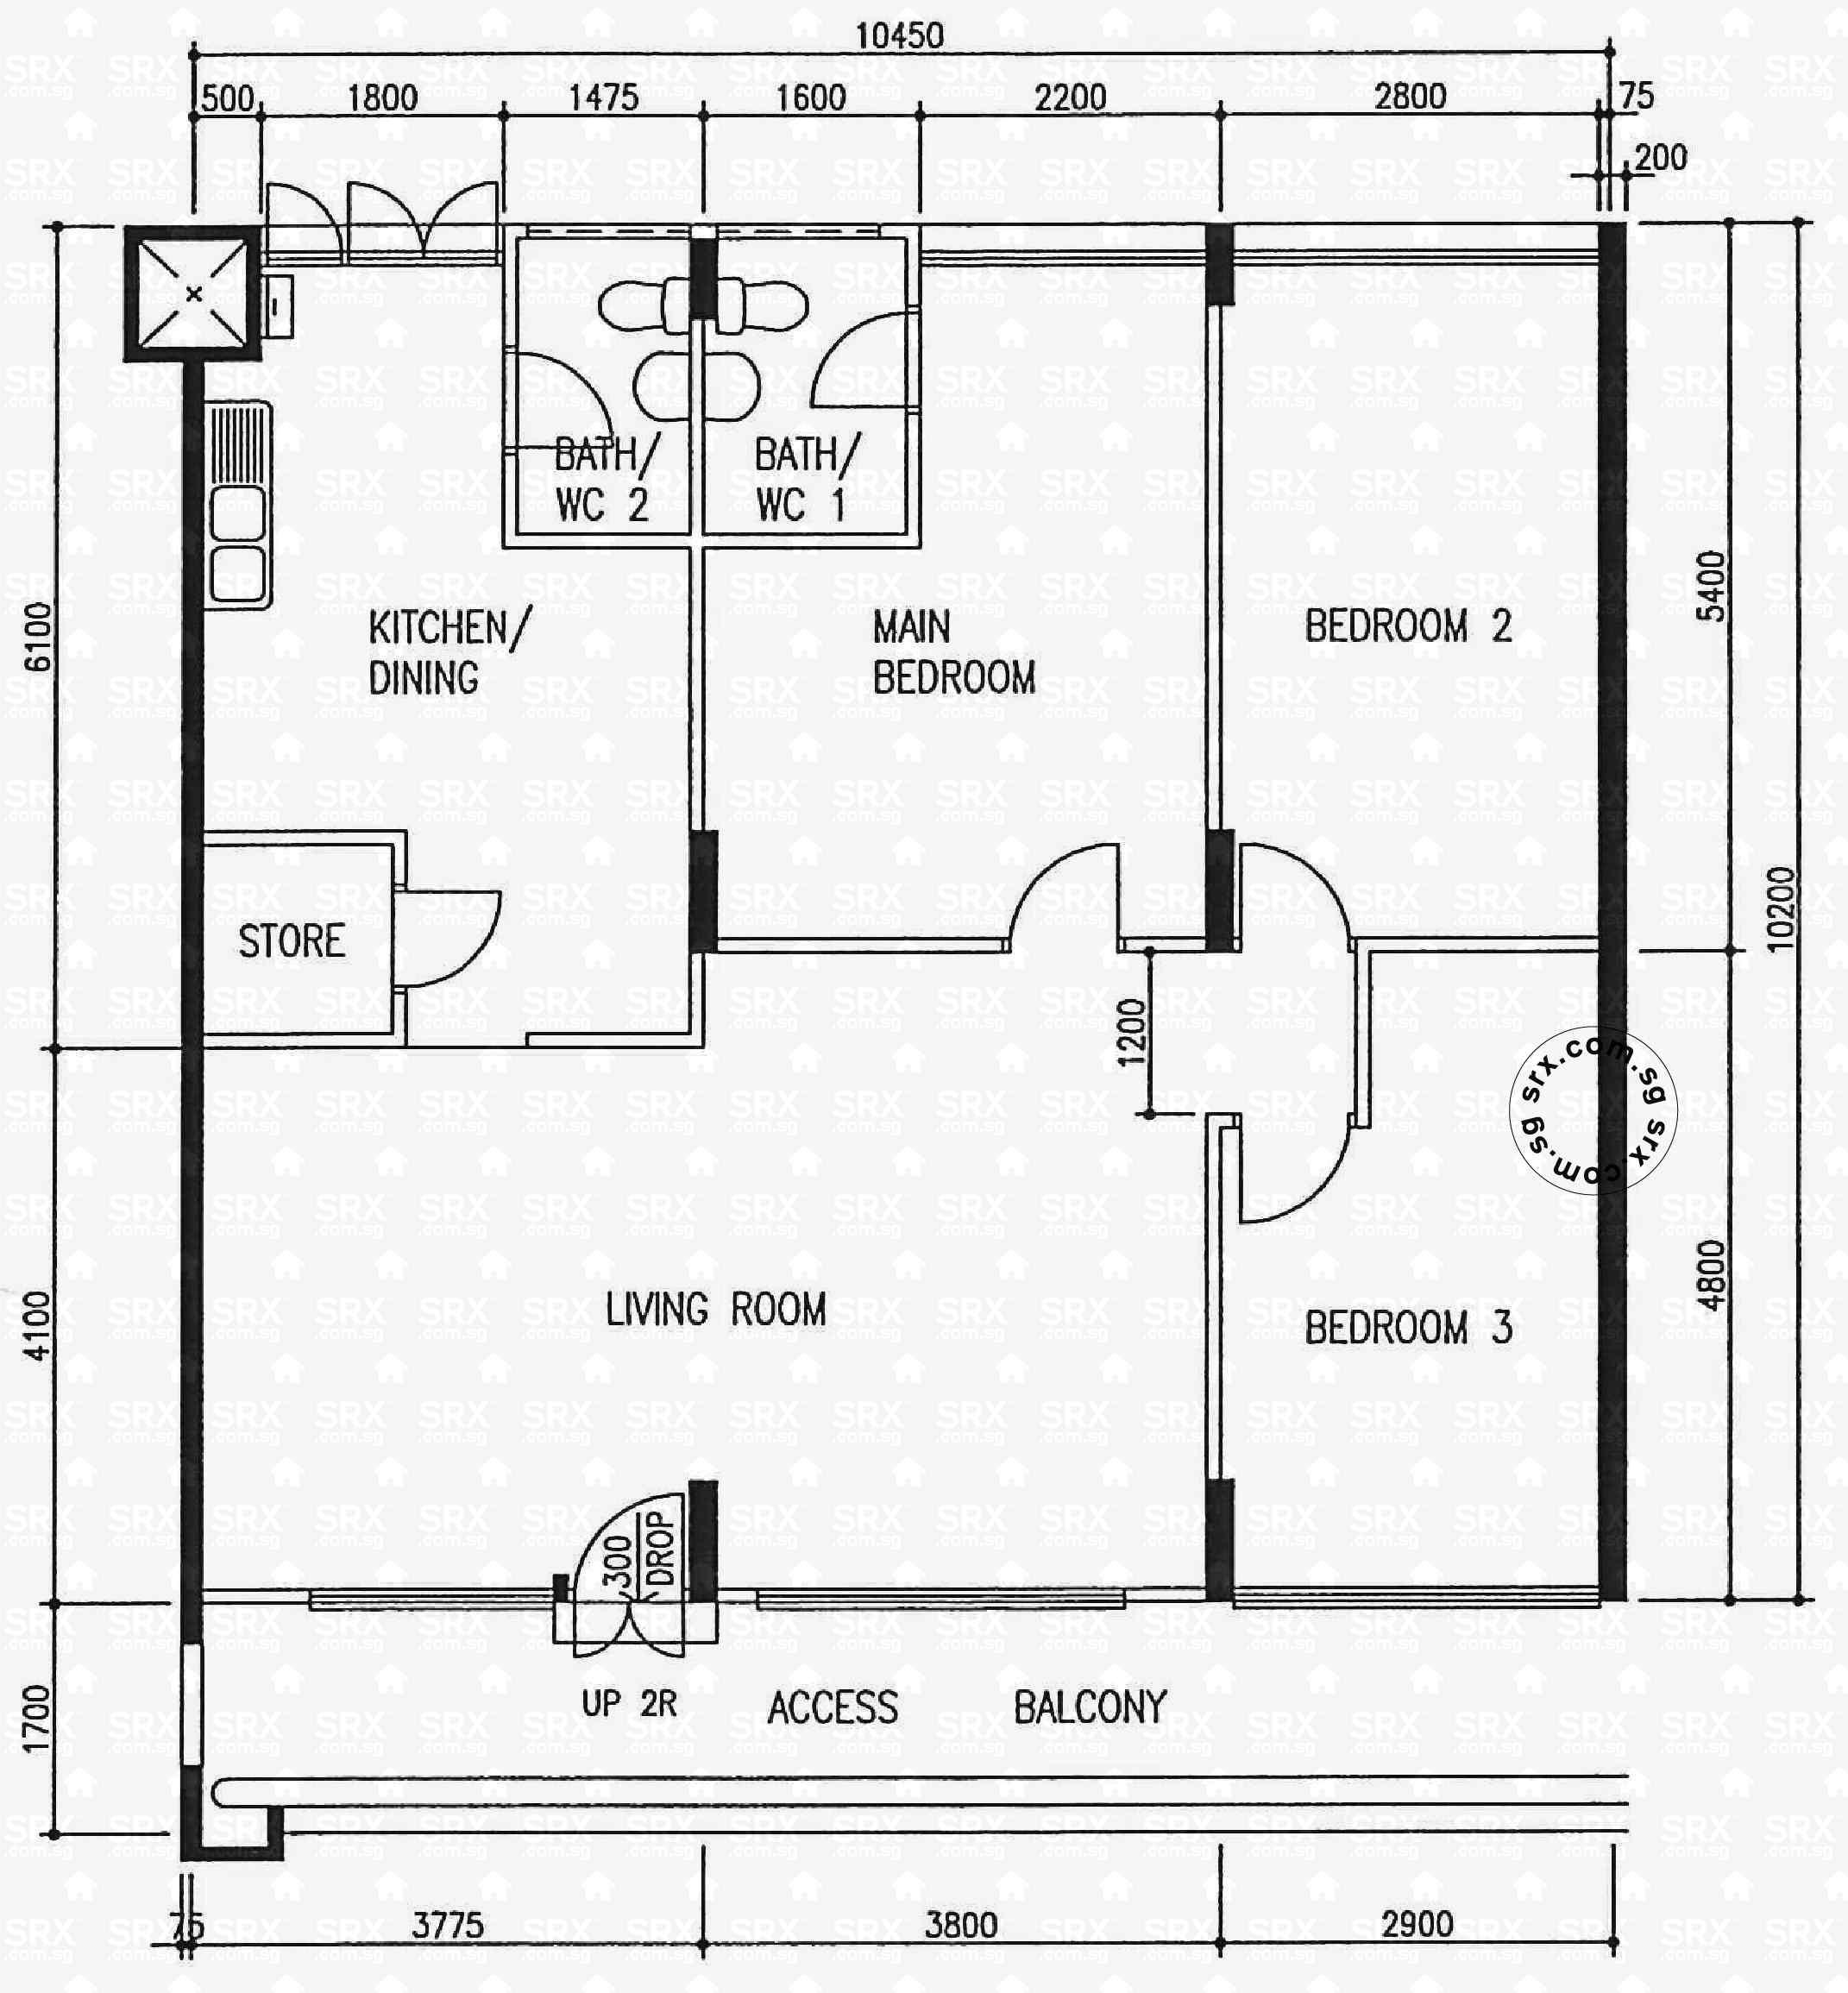 yishun avenue  (s) hdb details  srx property - blk  yishun avenue  (s) floor plan image